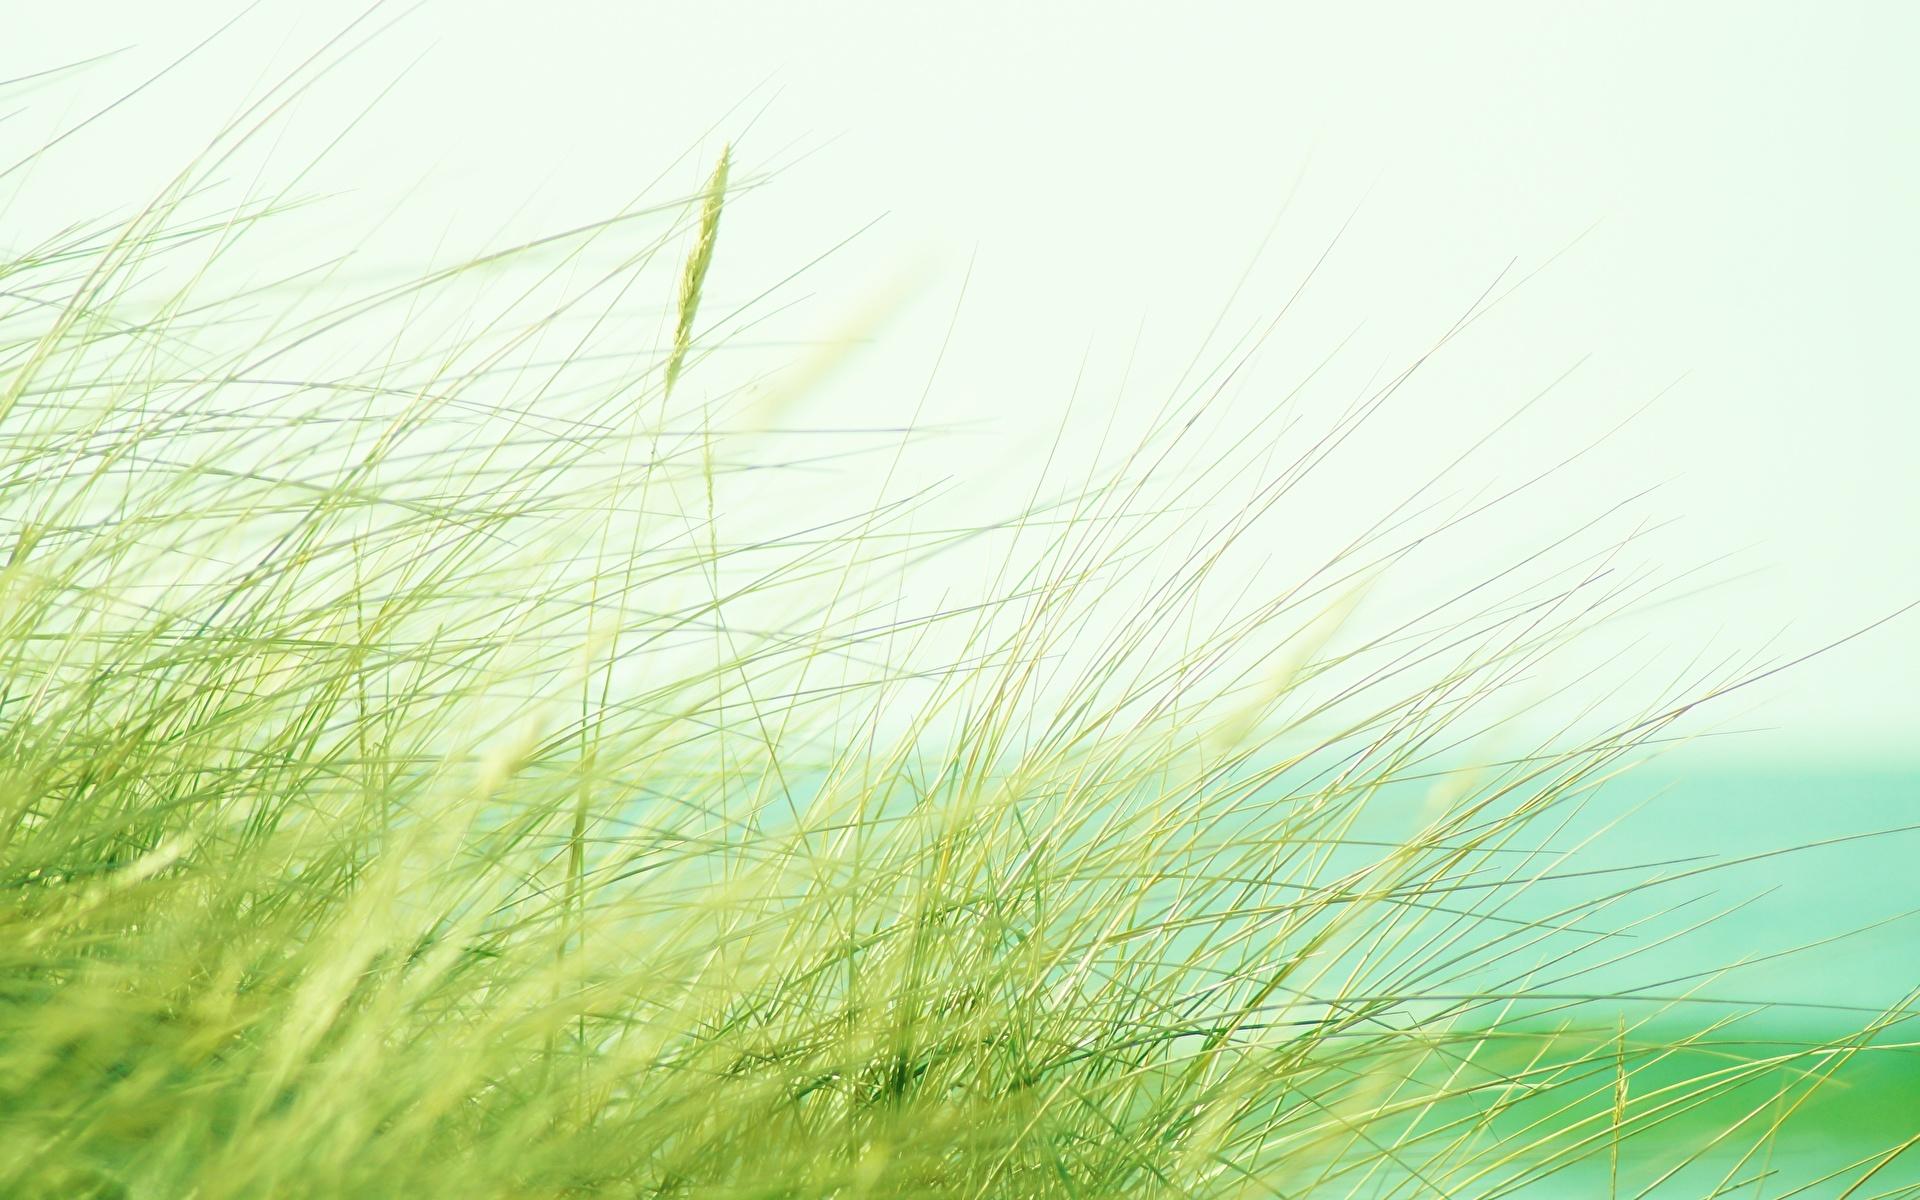 Обои для рабочего стола Природа траве Крупным планом 1920x1200 Трава вблизи